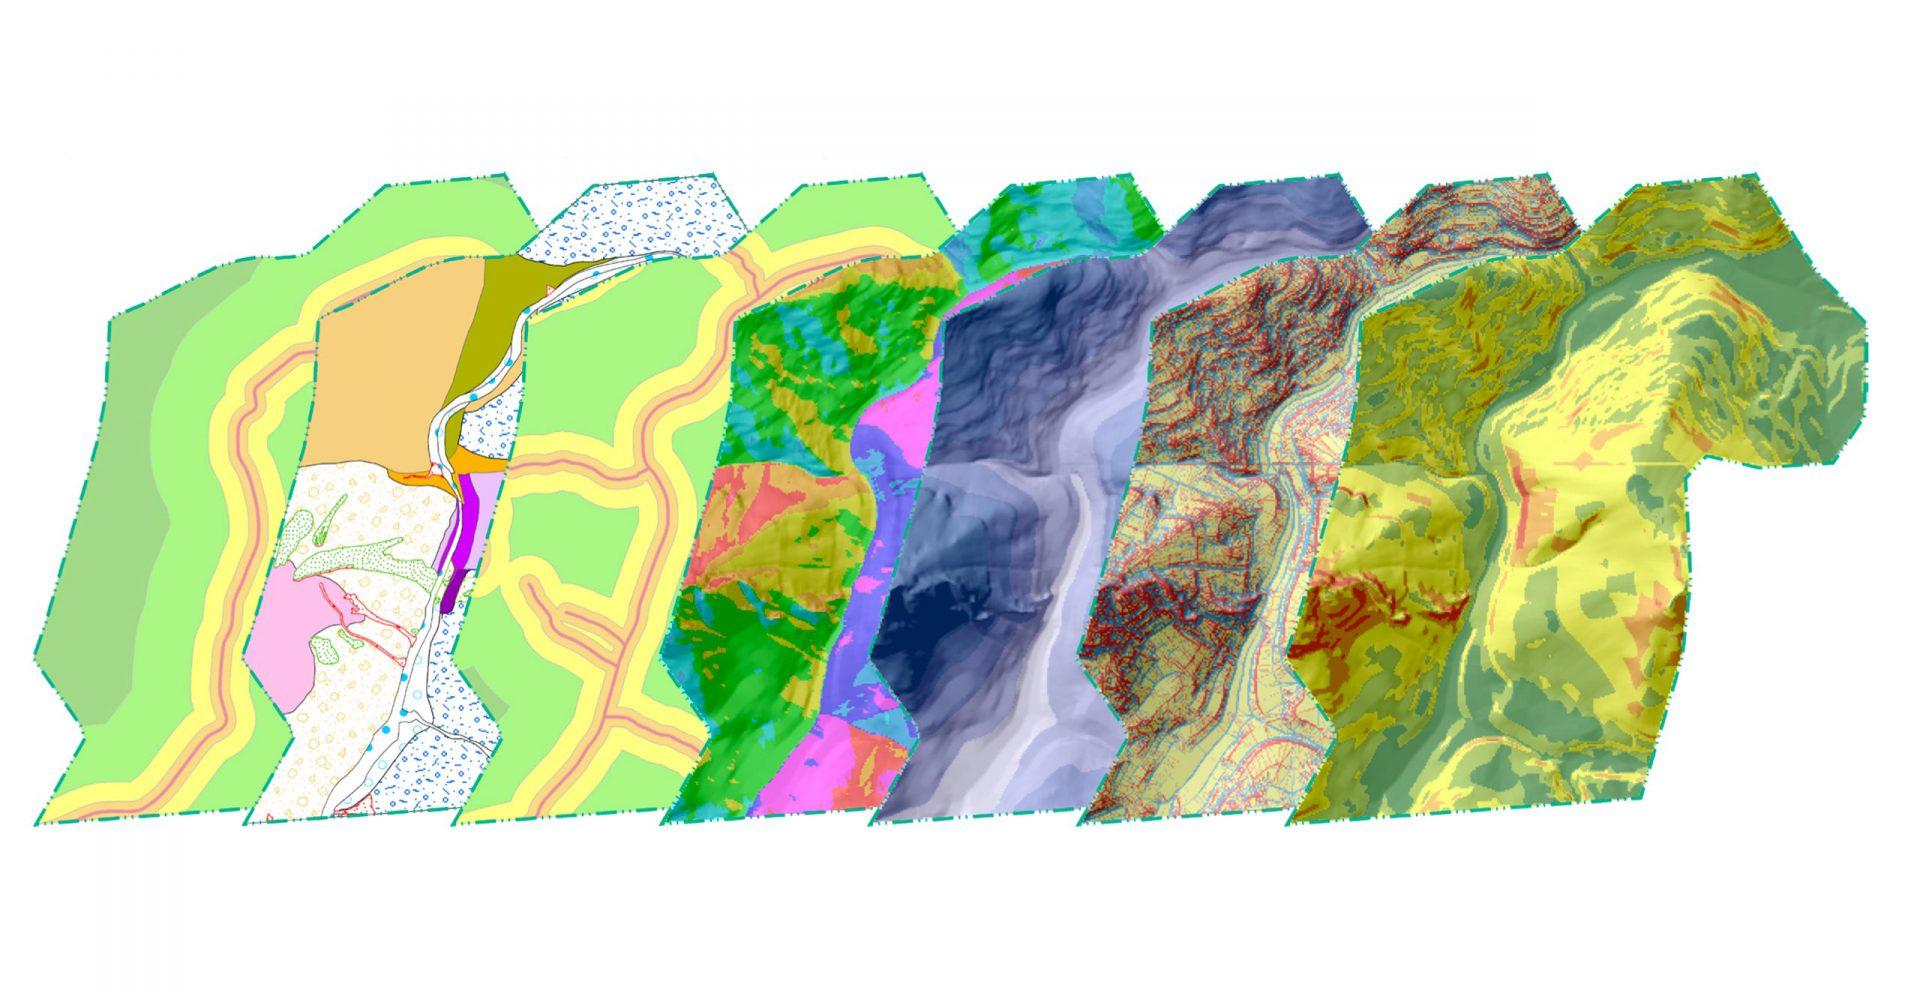 Land Planning, realizzazione analisi e cartografie tematiche - IGS Srl